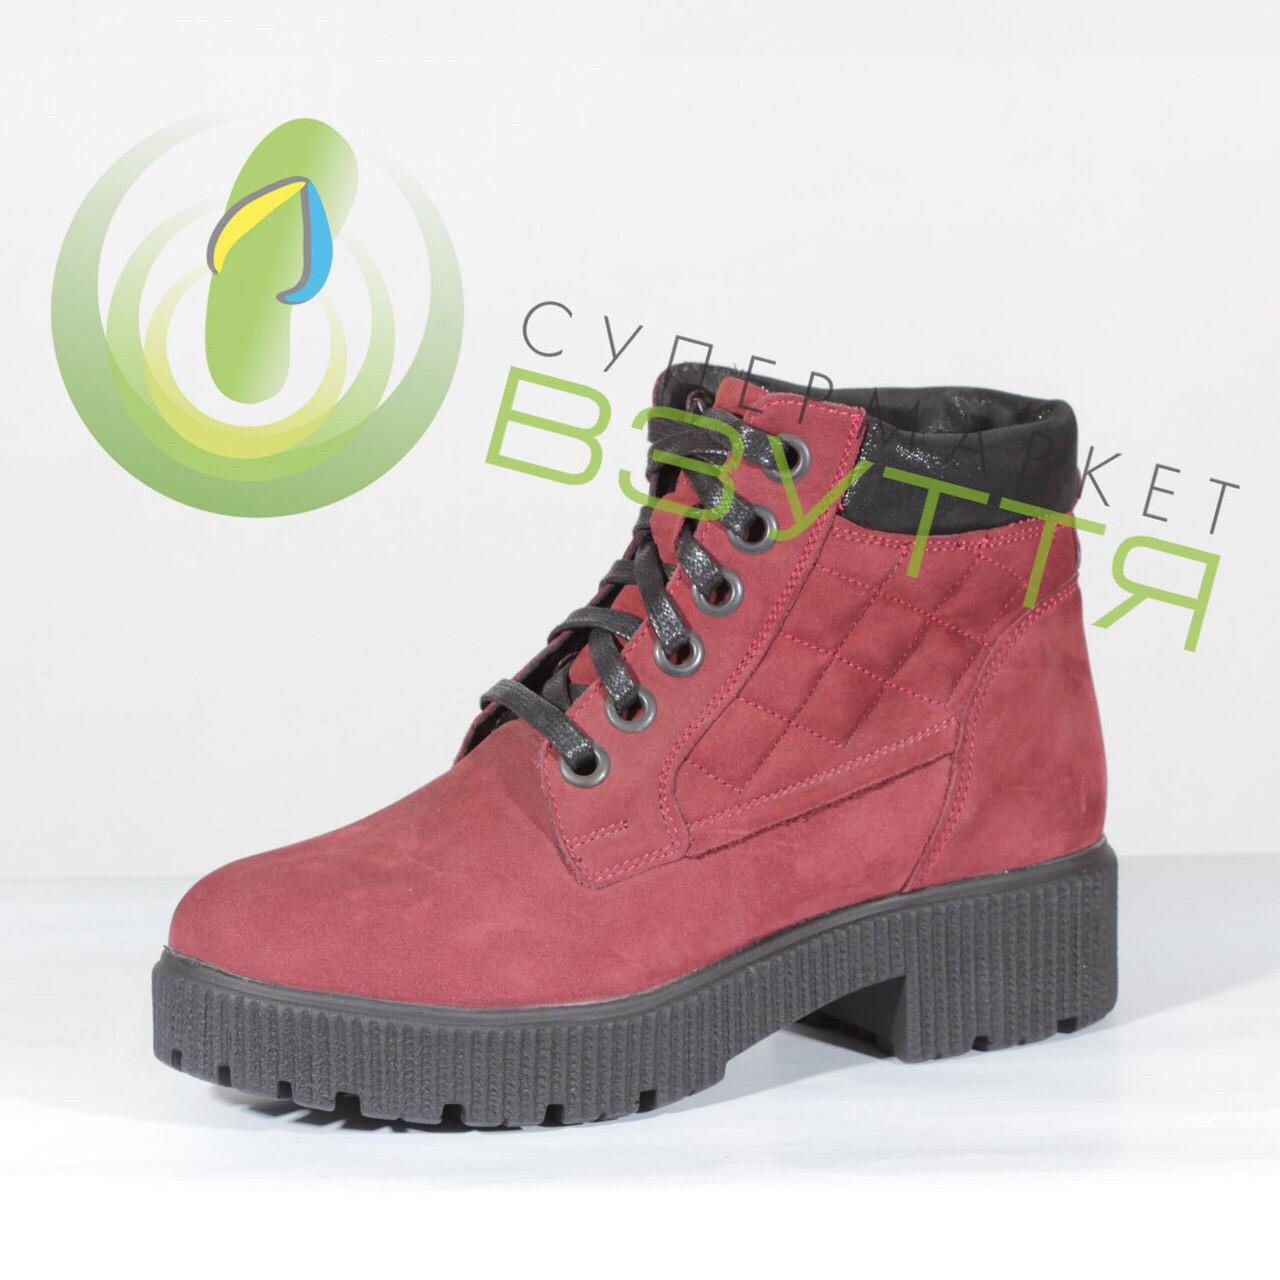 Кожаные женские зимние ботинки Мида 36,38,39,41 размеры